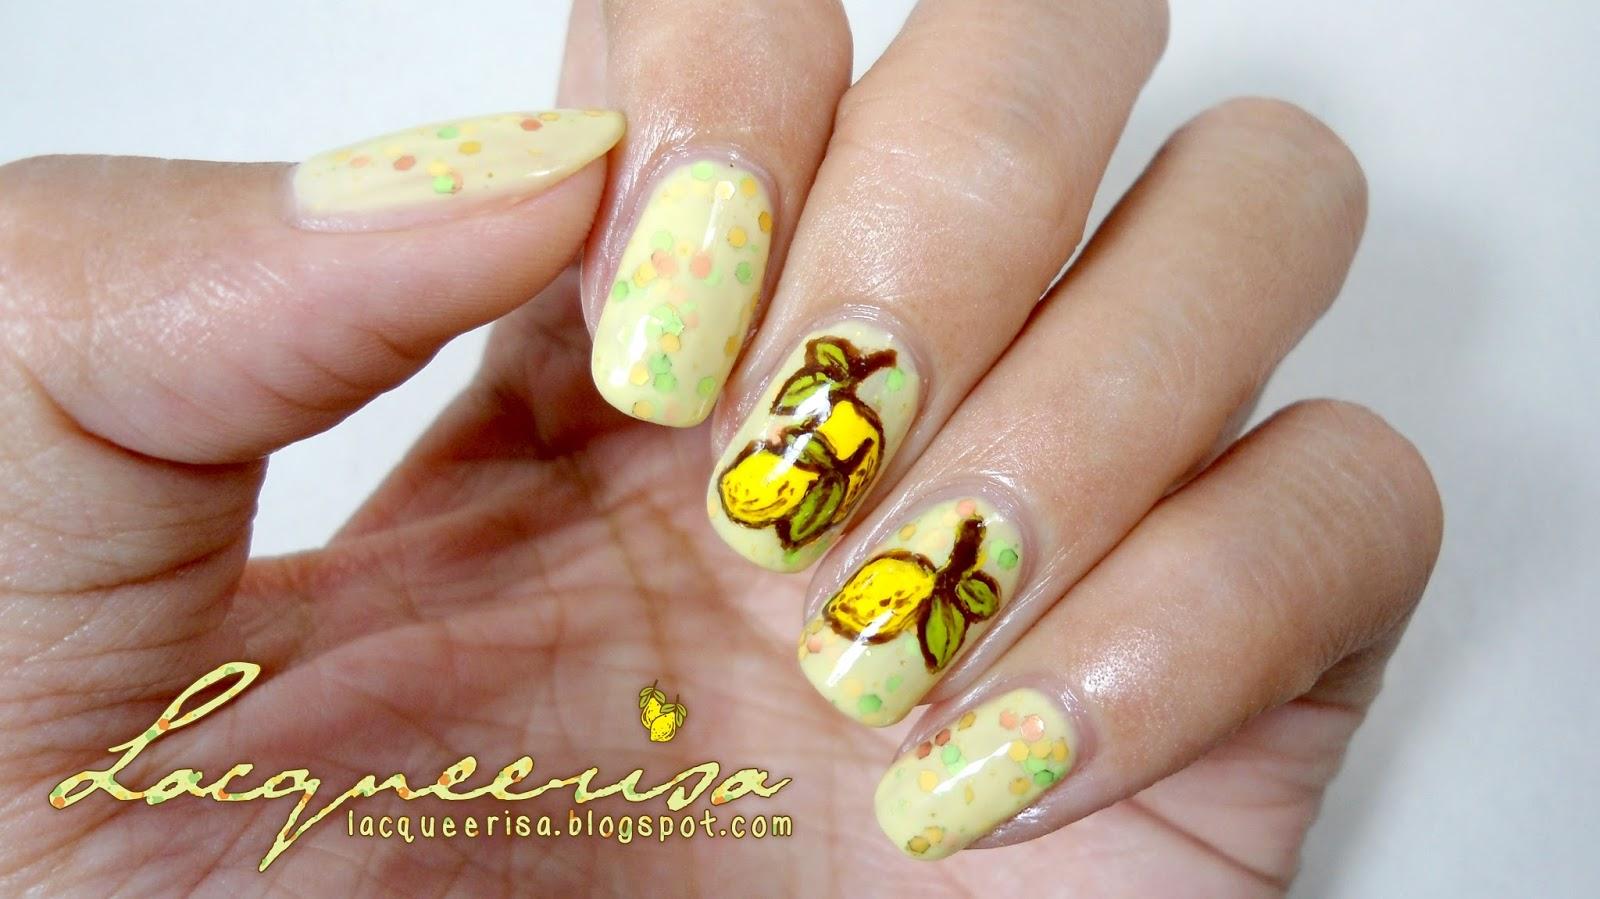 Lacqueerisa: Lemony Love!